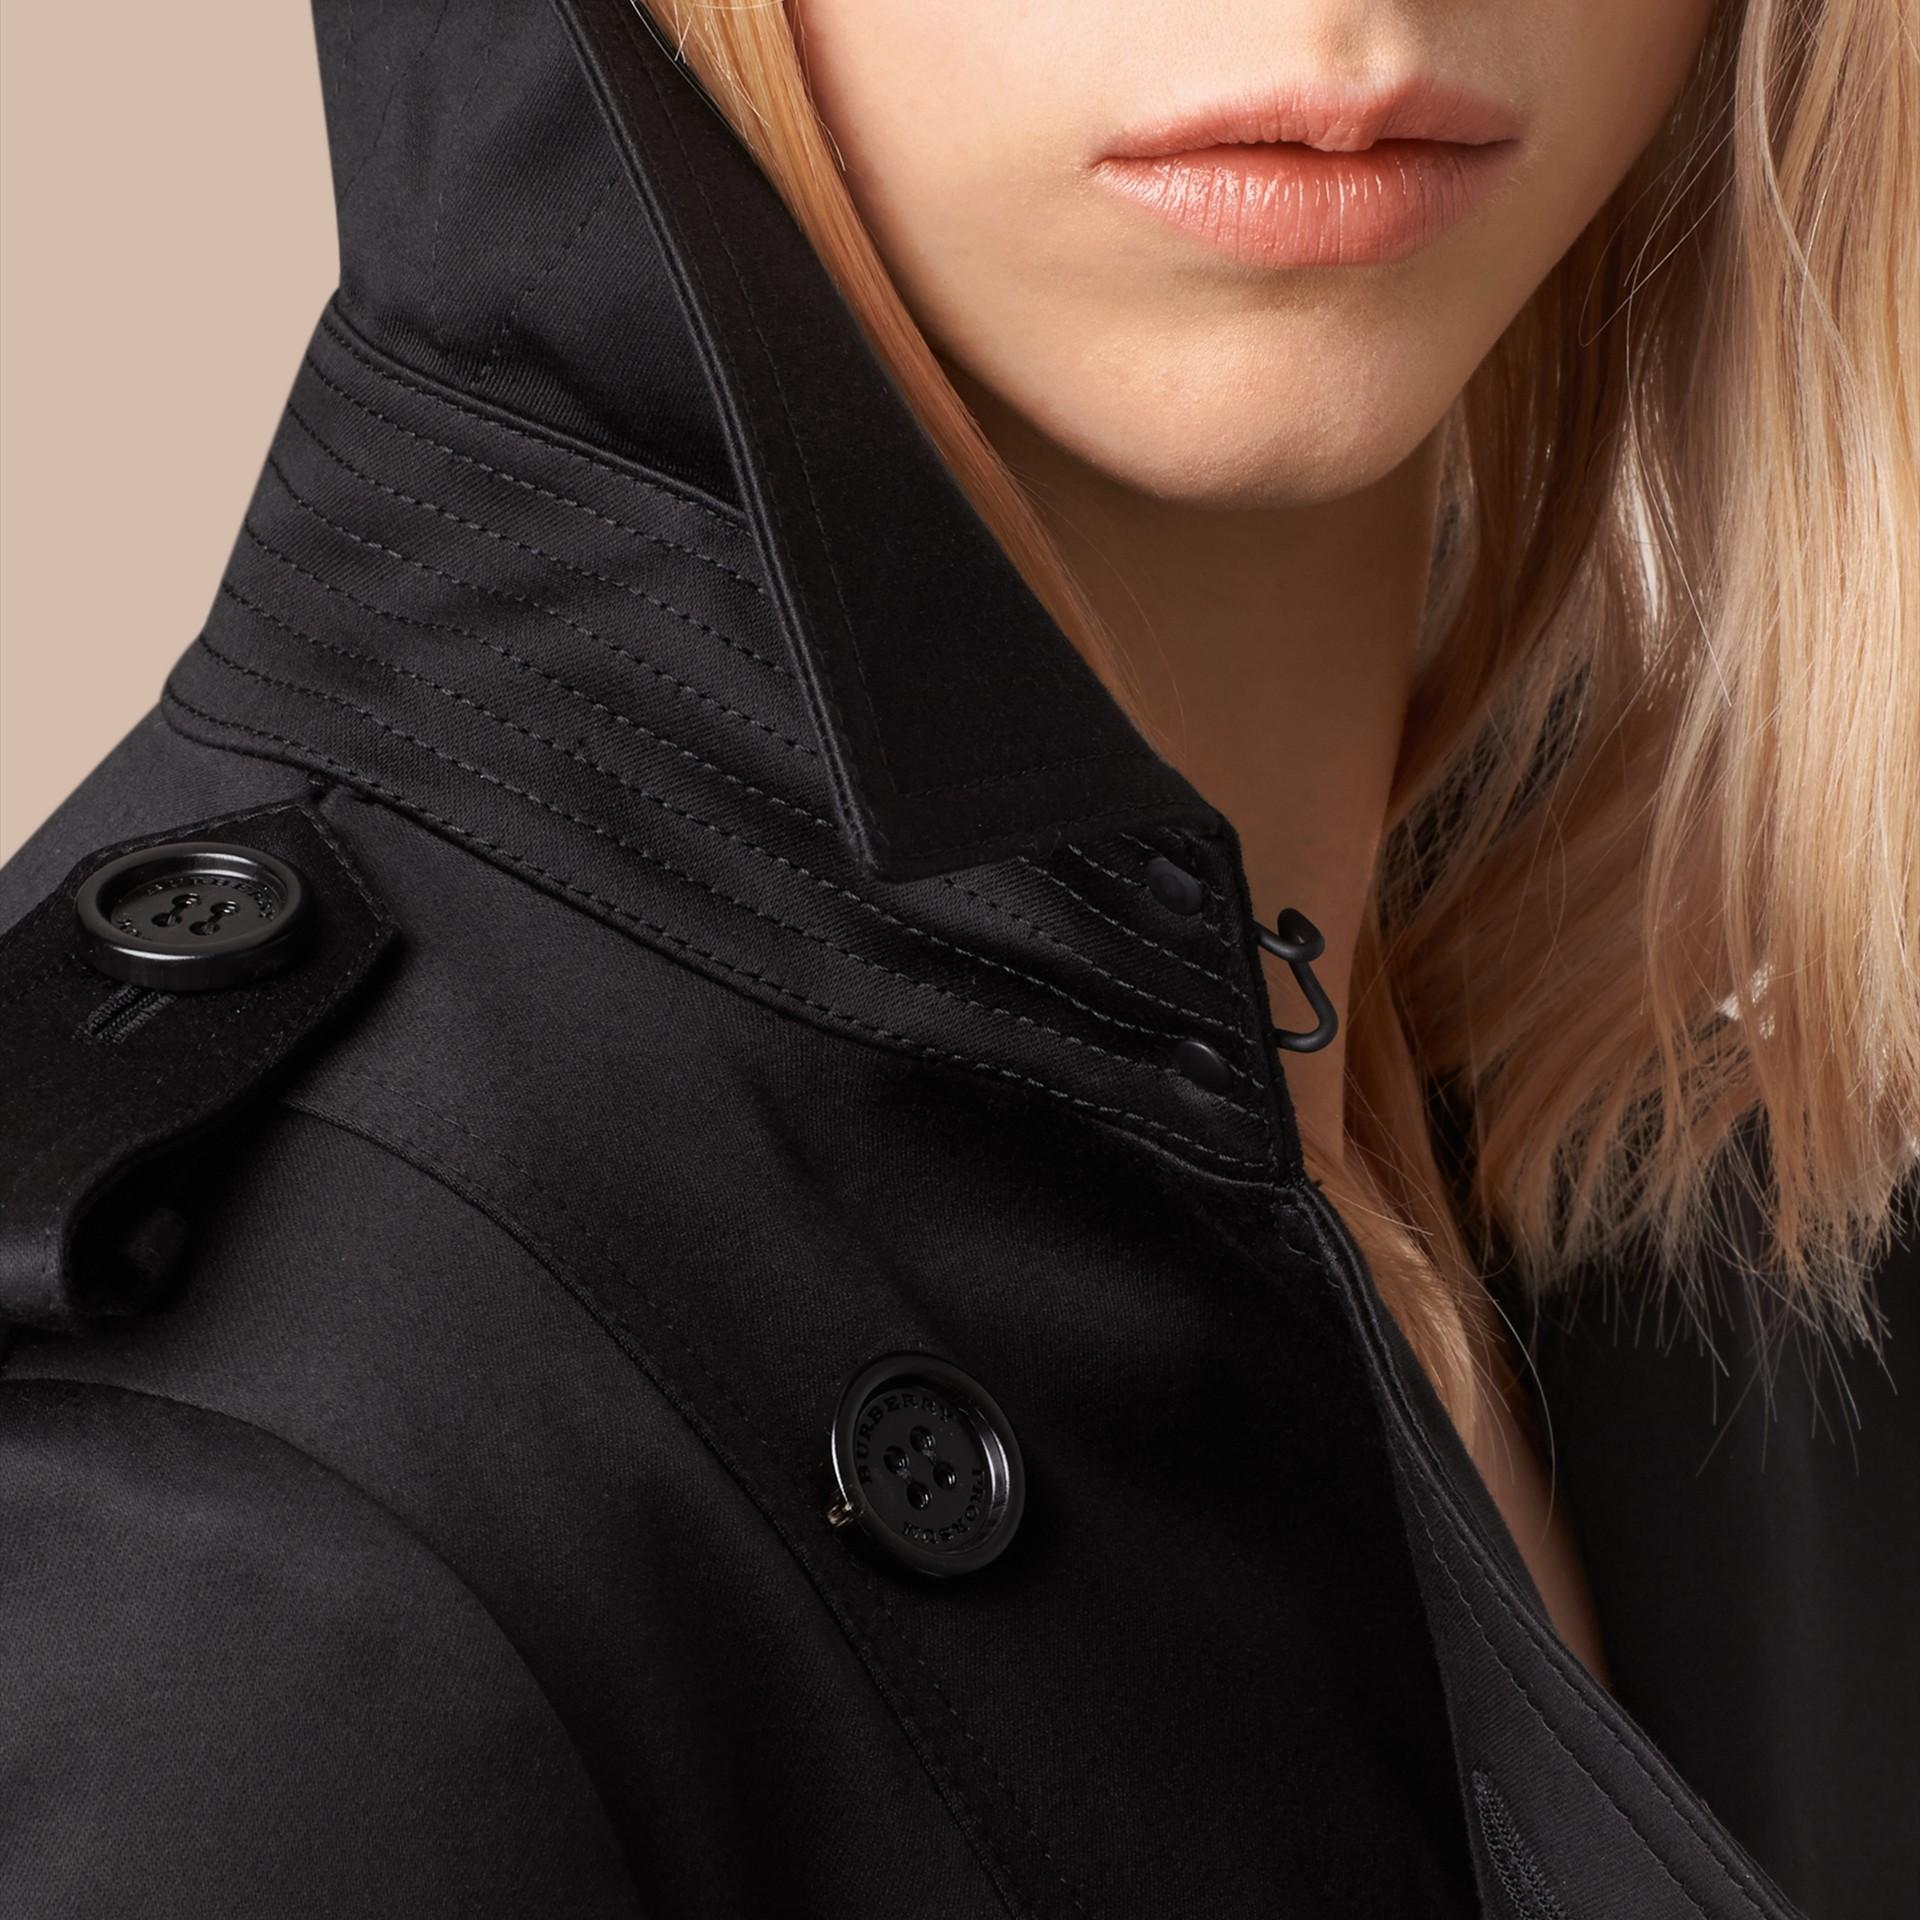 Nero Trench coat in satin di cotone Nero - immagine della galleria 2